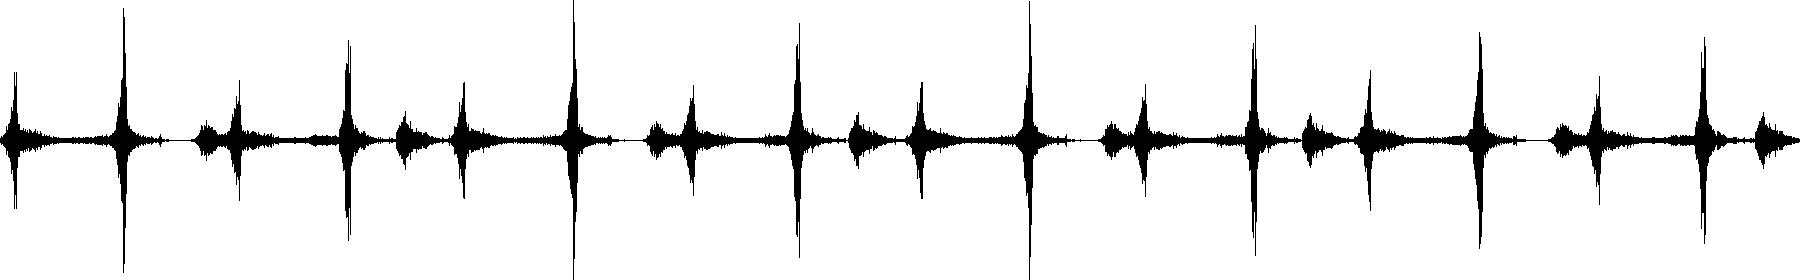 ehp percloop 127 06